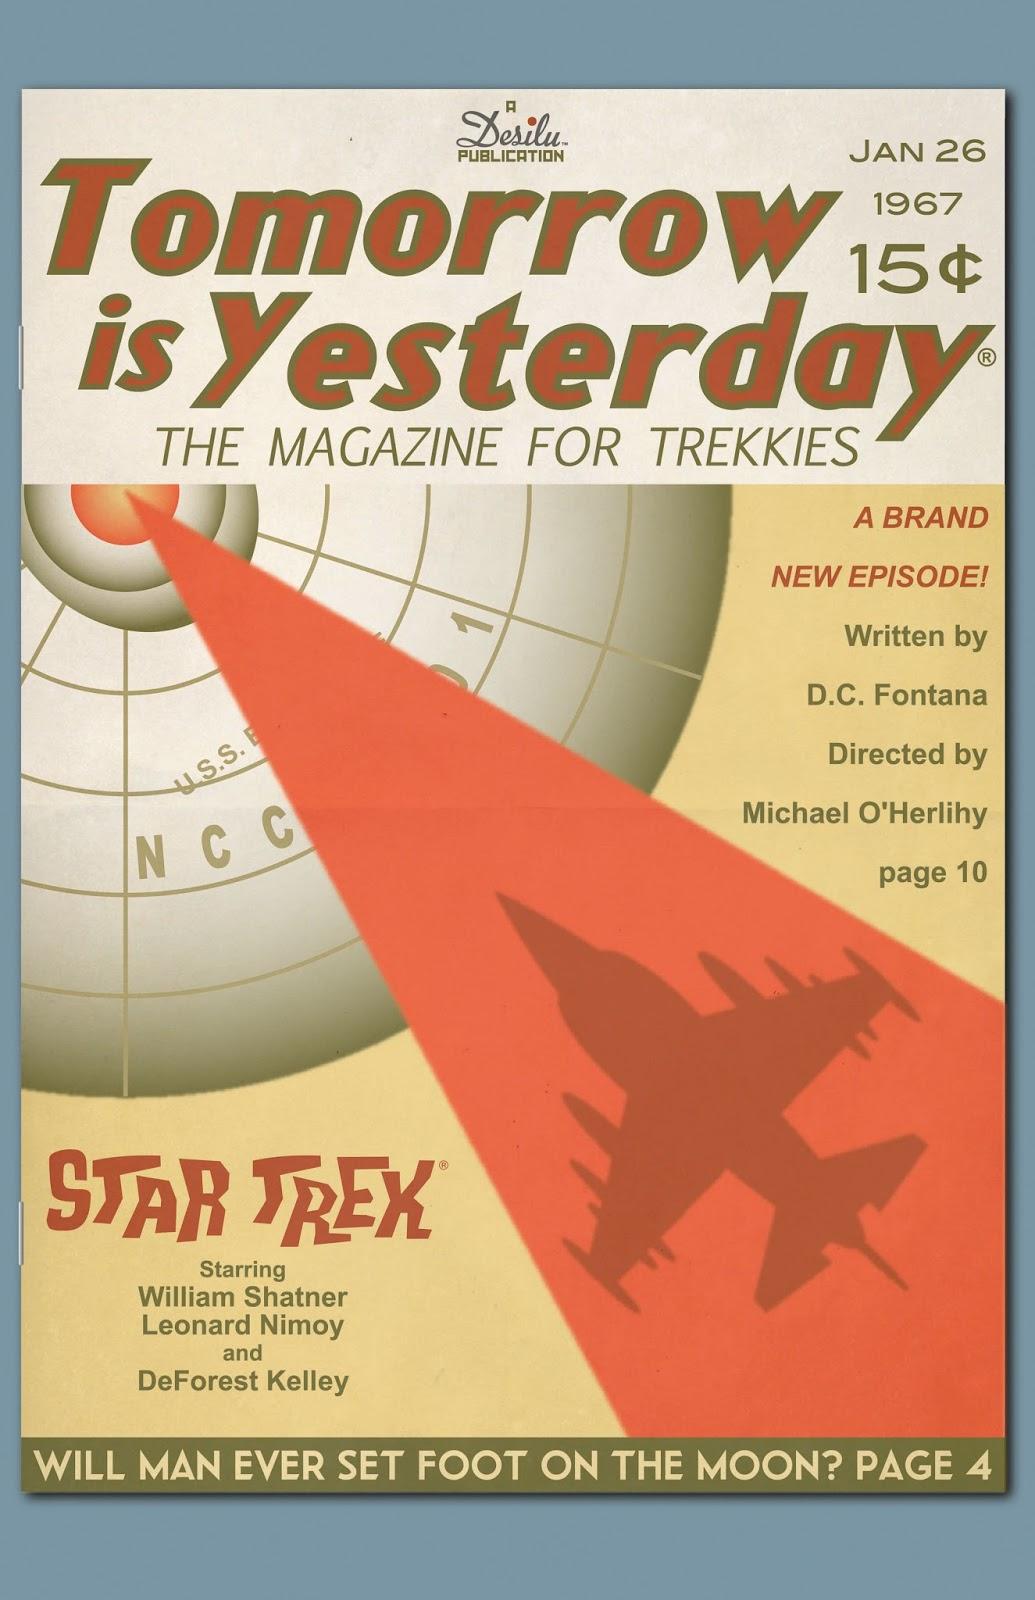 Star Trek: The Art of Juan Ortiz Yesterday